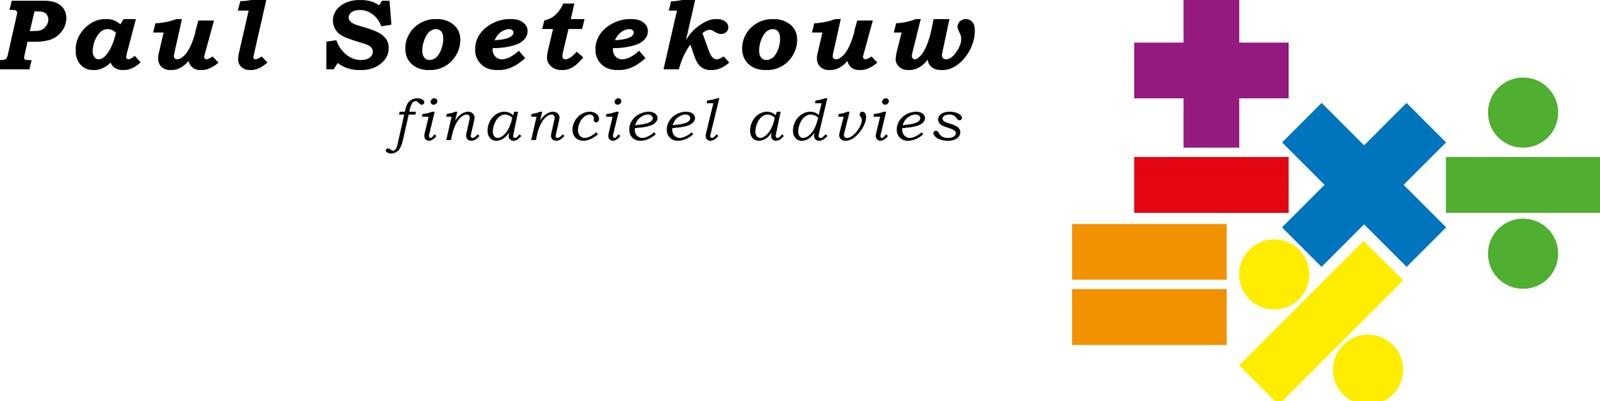 Afbeelding van Paul Soetekouw Financieel Advies